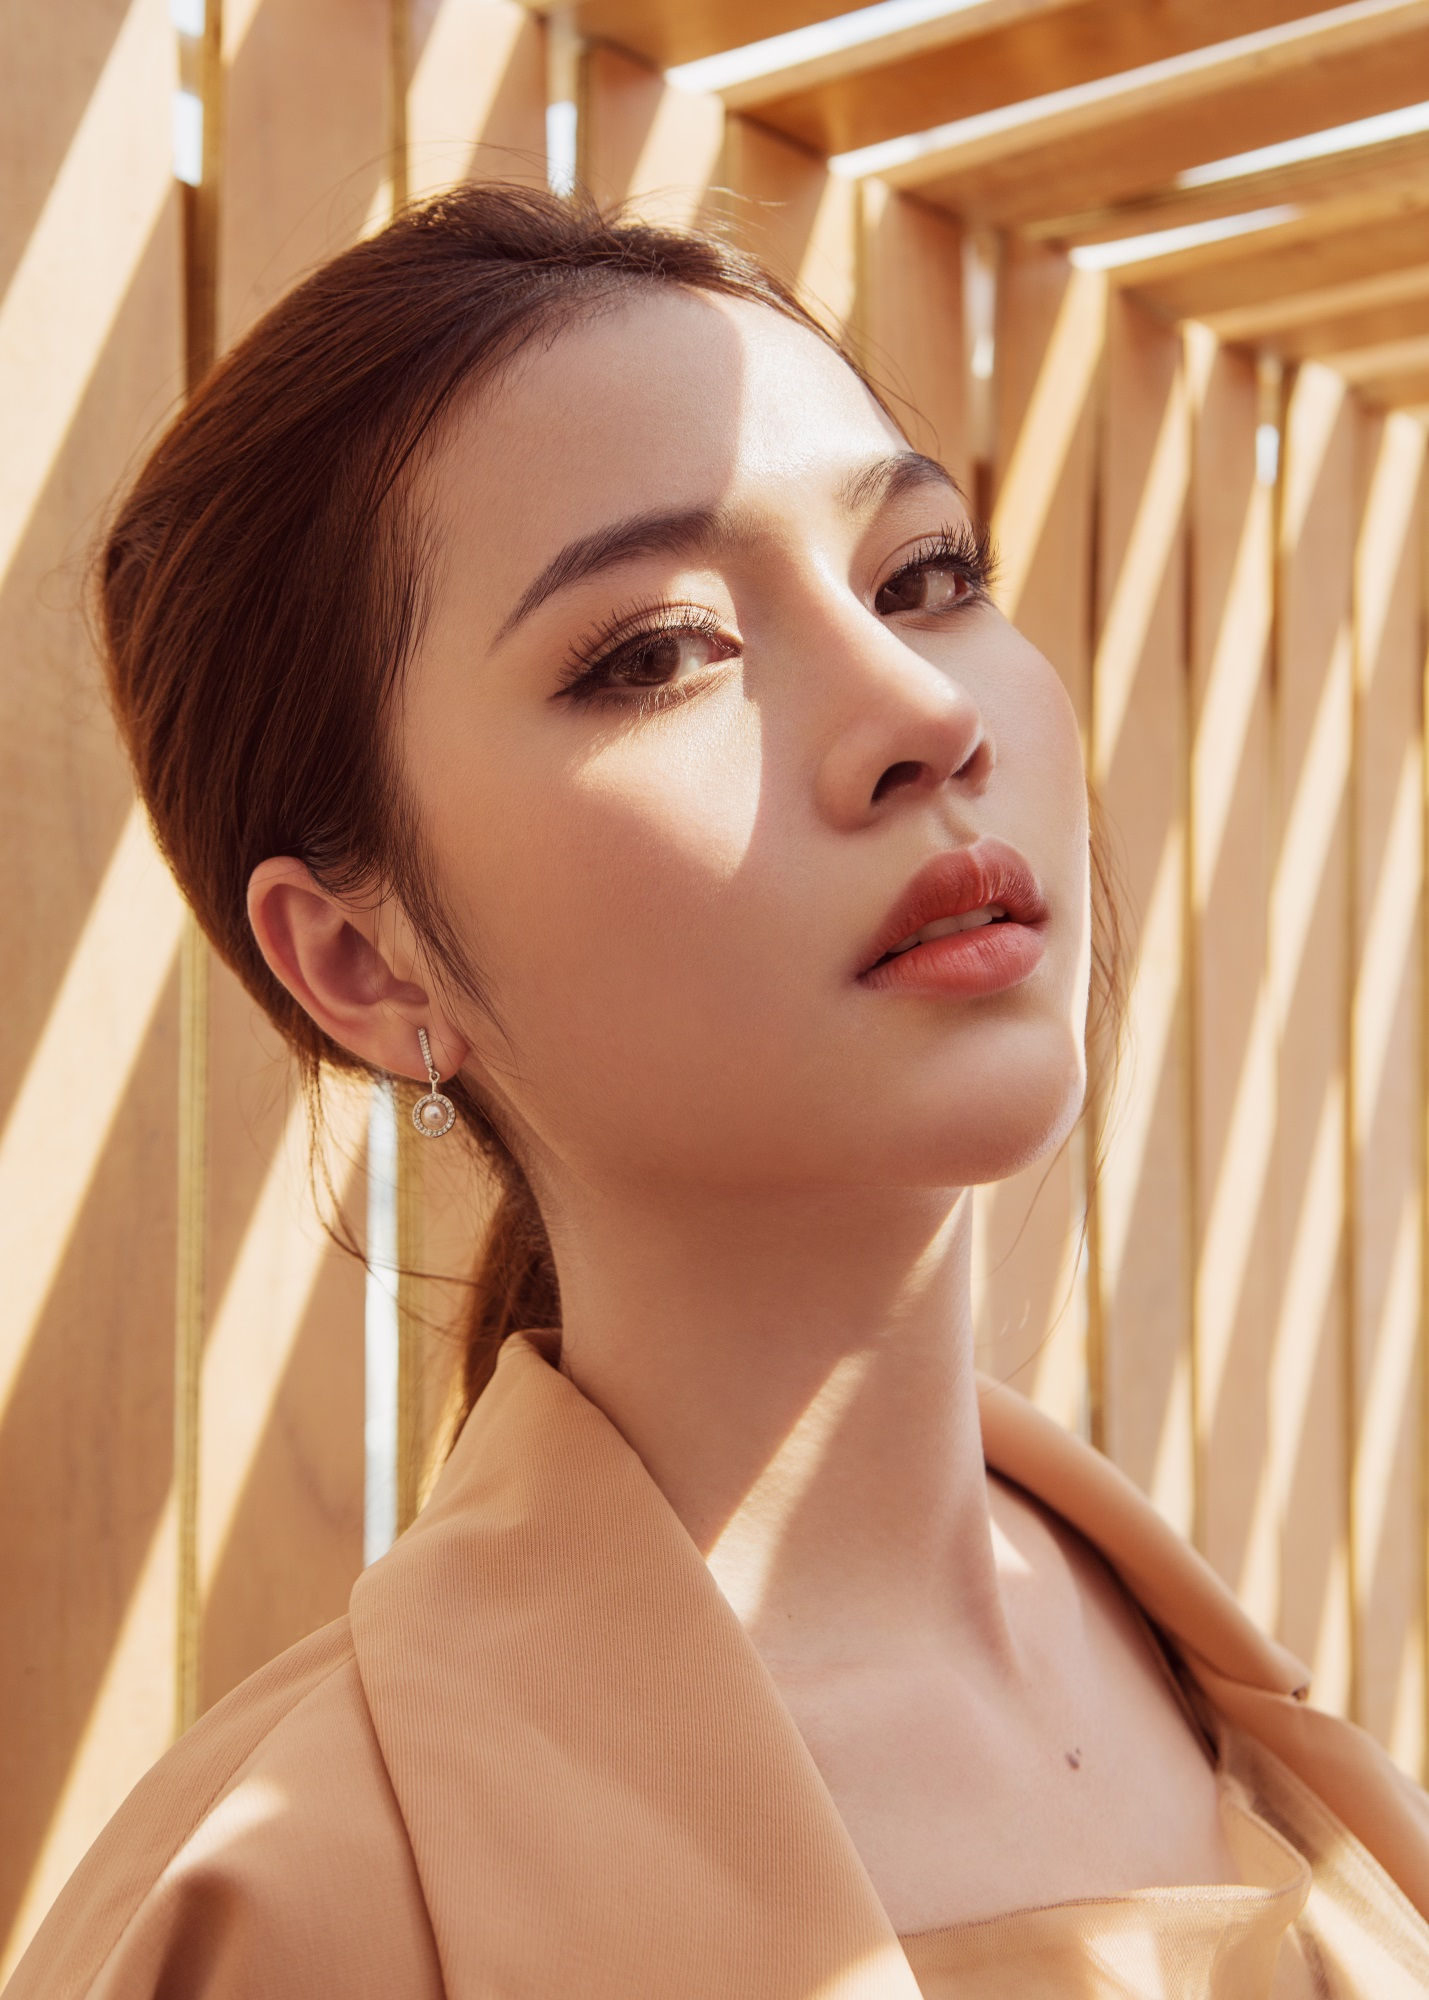 Hoa hậu Biển Kim Ngọc 'tái xuất' với hình ảnh quý cô thanh lịch đầy cuốn hút - Ảnh 4